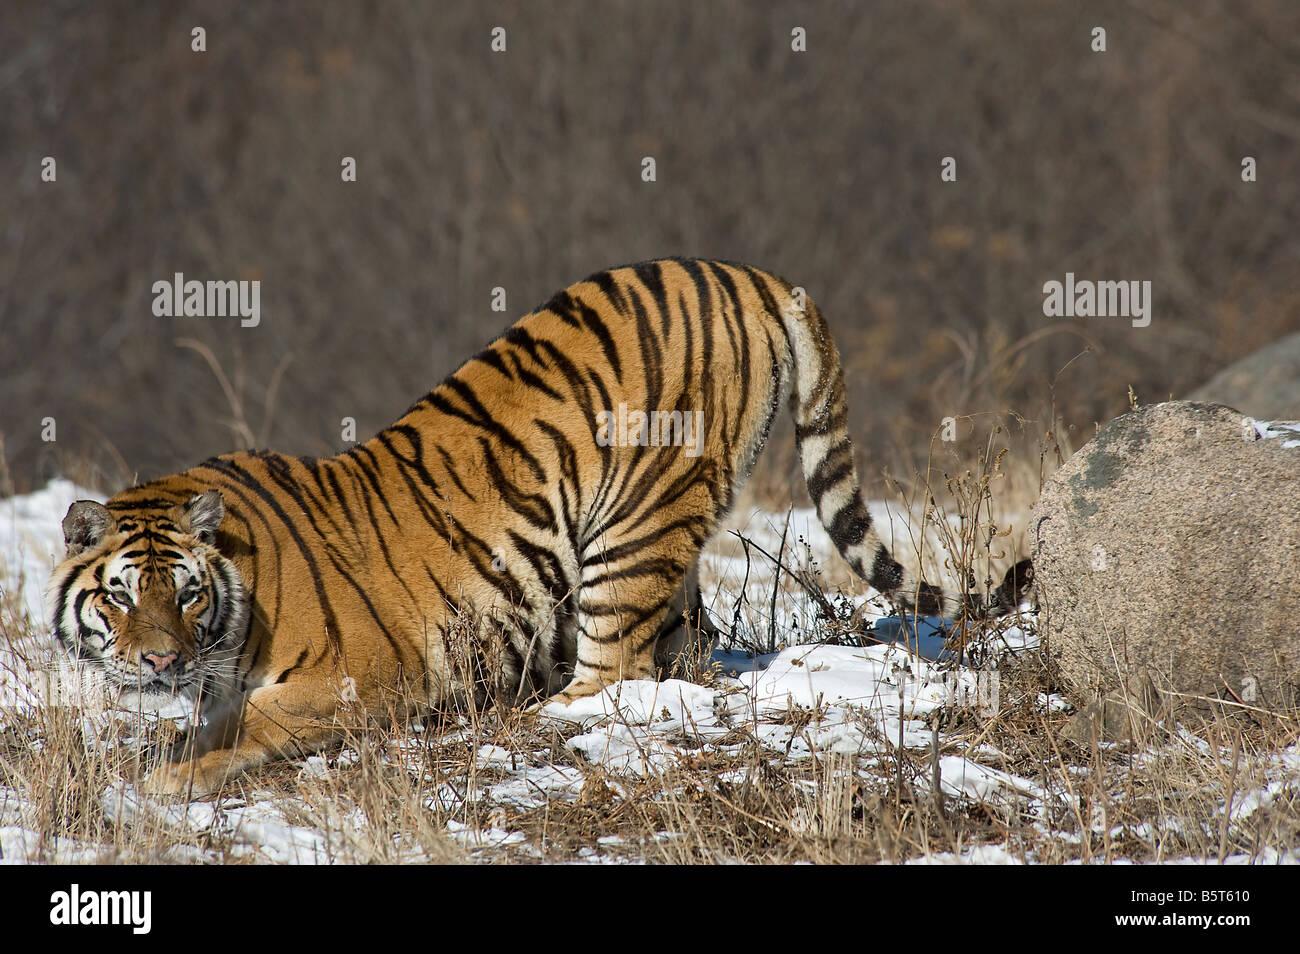 Alert Amur or Siberian tiger Panthera tigris altaica crouching Helongjiang China - Stock Image